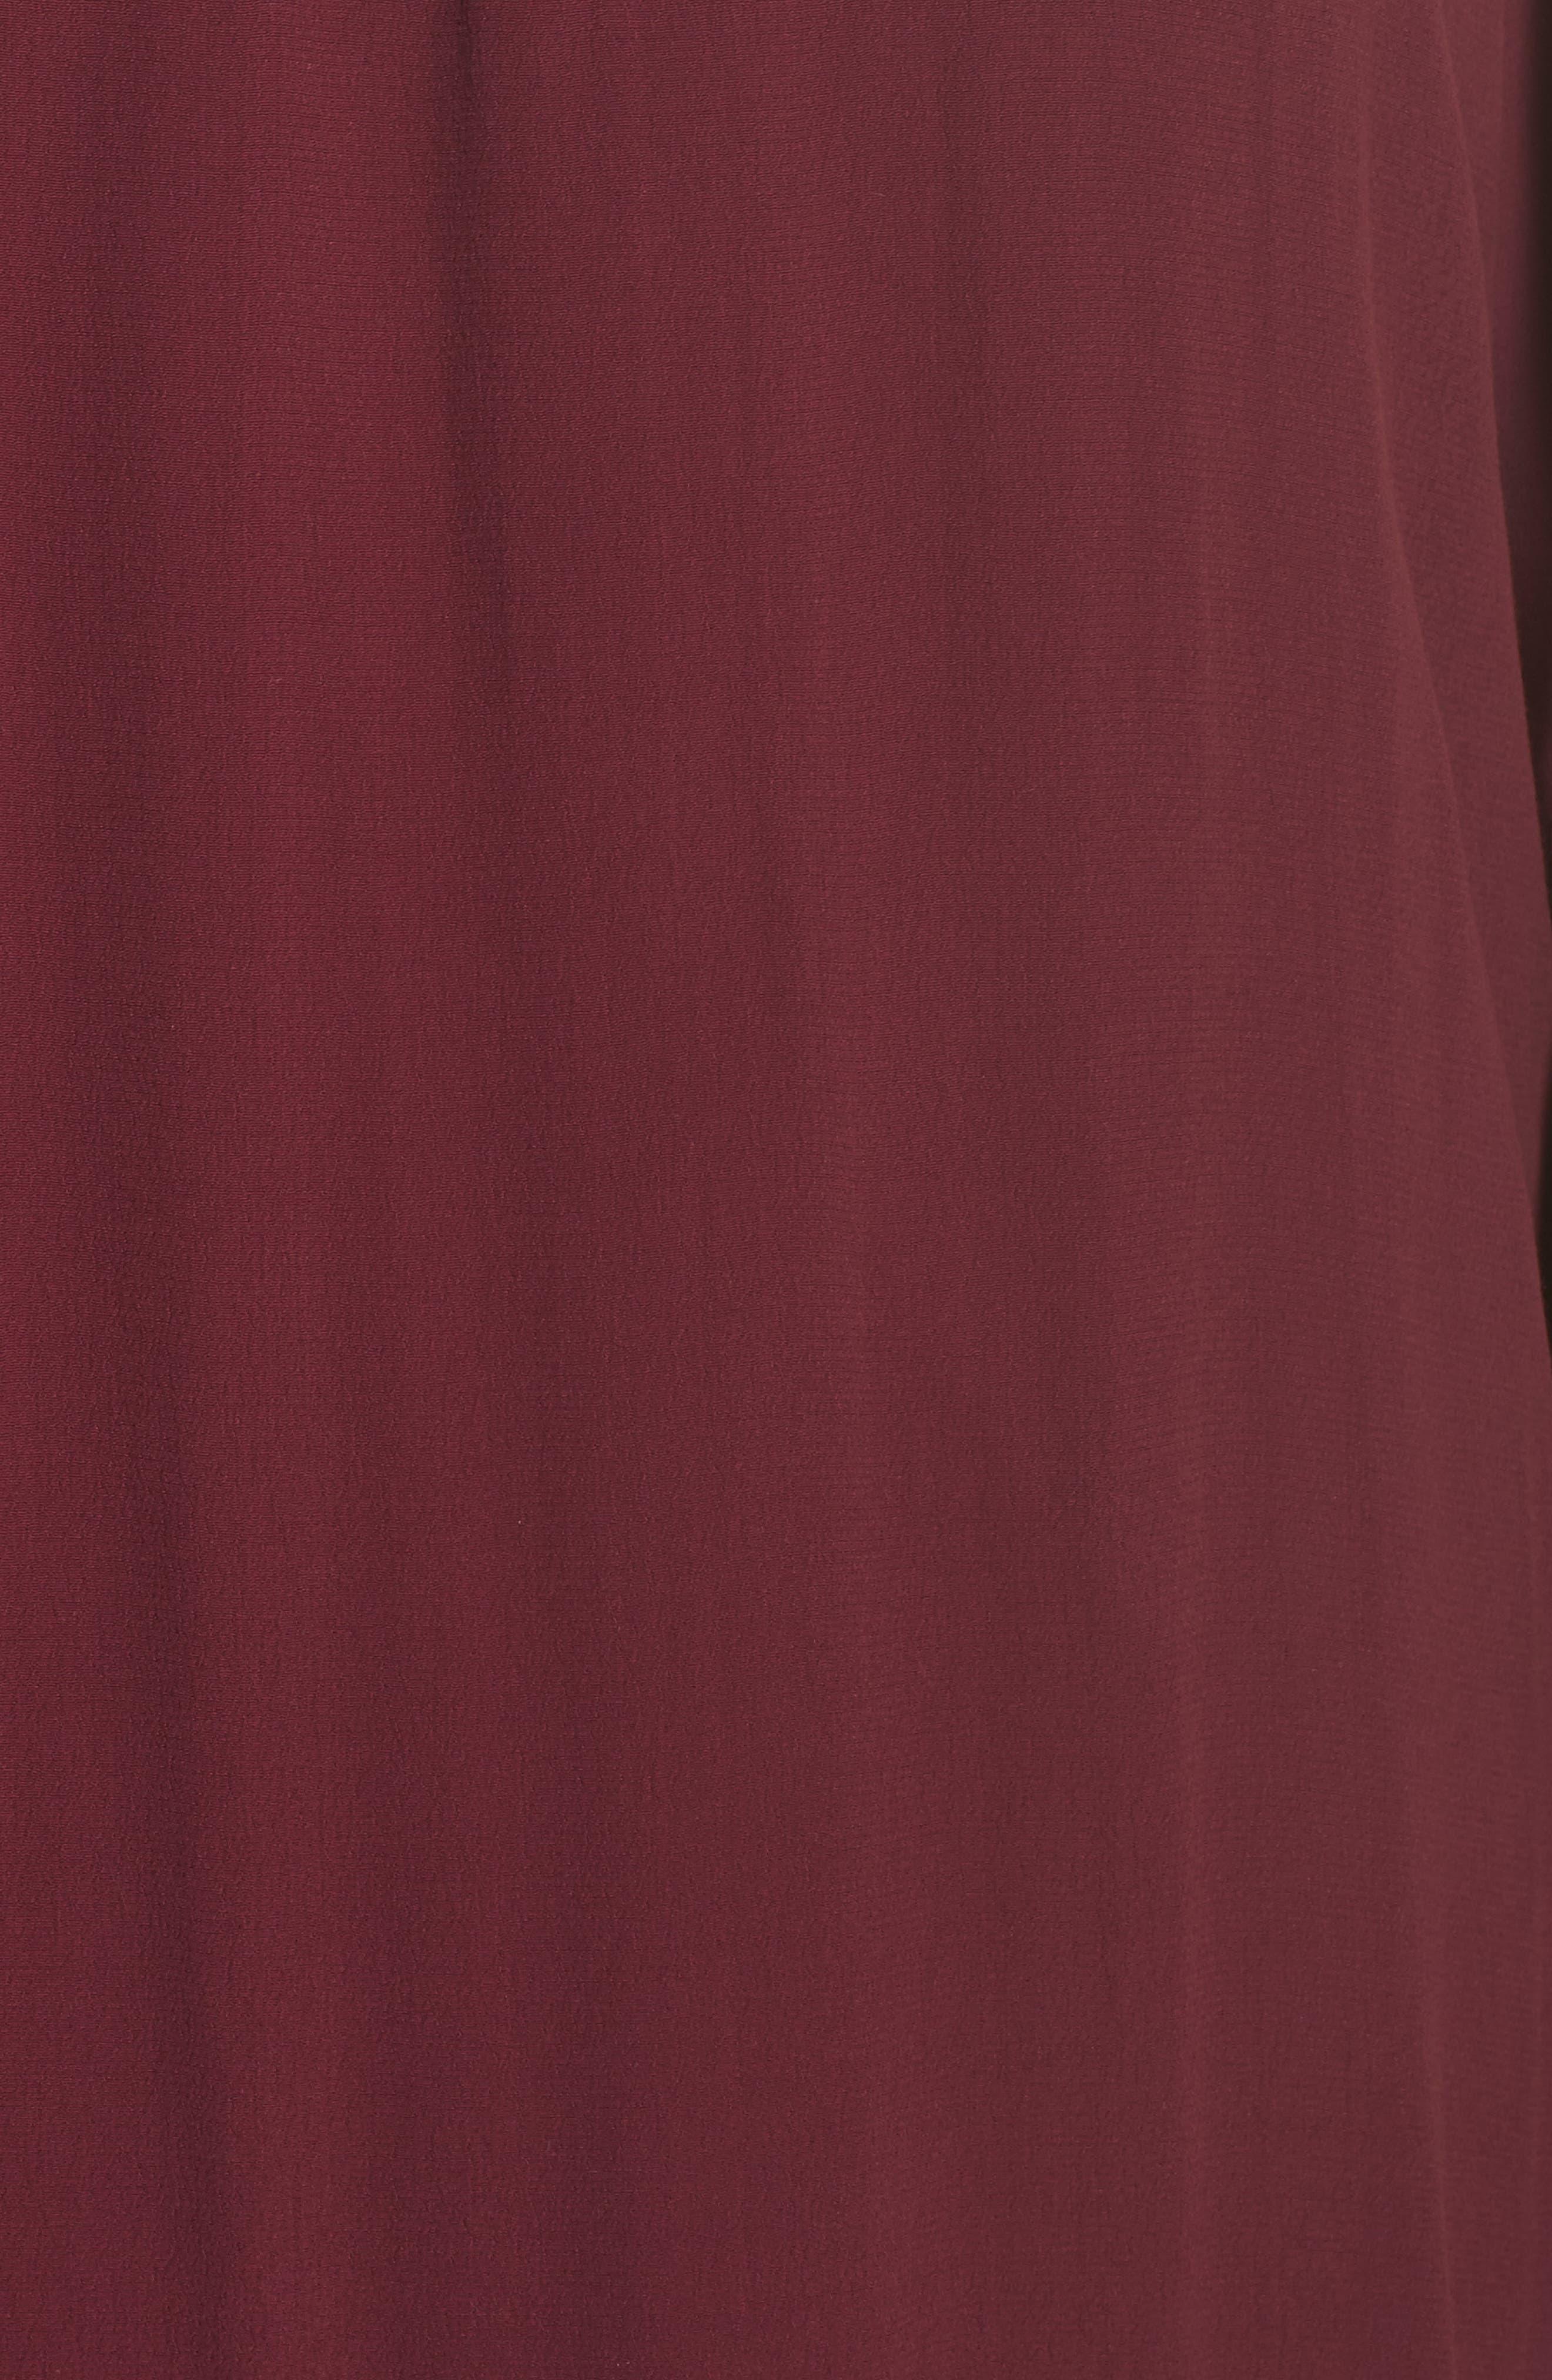 Jolie Lace Accent Cover-Up Dress,                             Alternate thumbnail 5, color,                             930